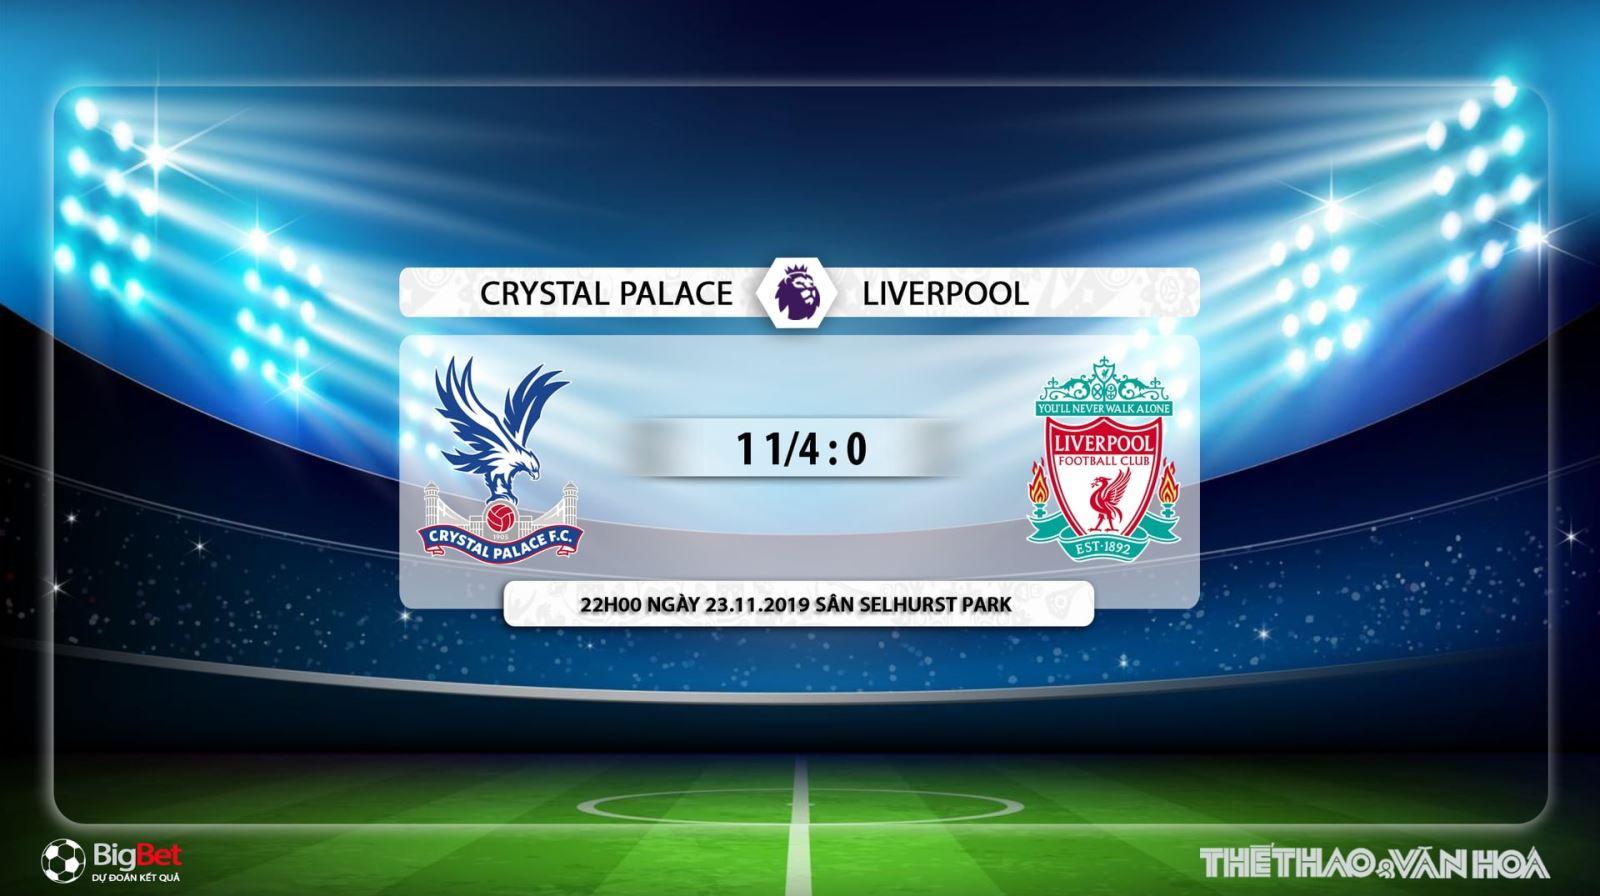 Crystal Palace vs Liverpool, liverpool, crystal palace, trực tiếp bóng đá, nhận định Crystal Palace vs Liverpool, K+PM, K+PC, K+